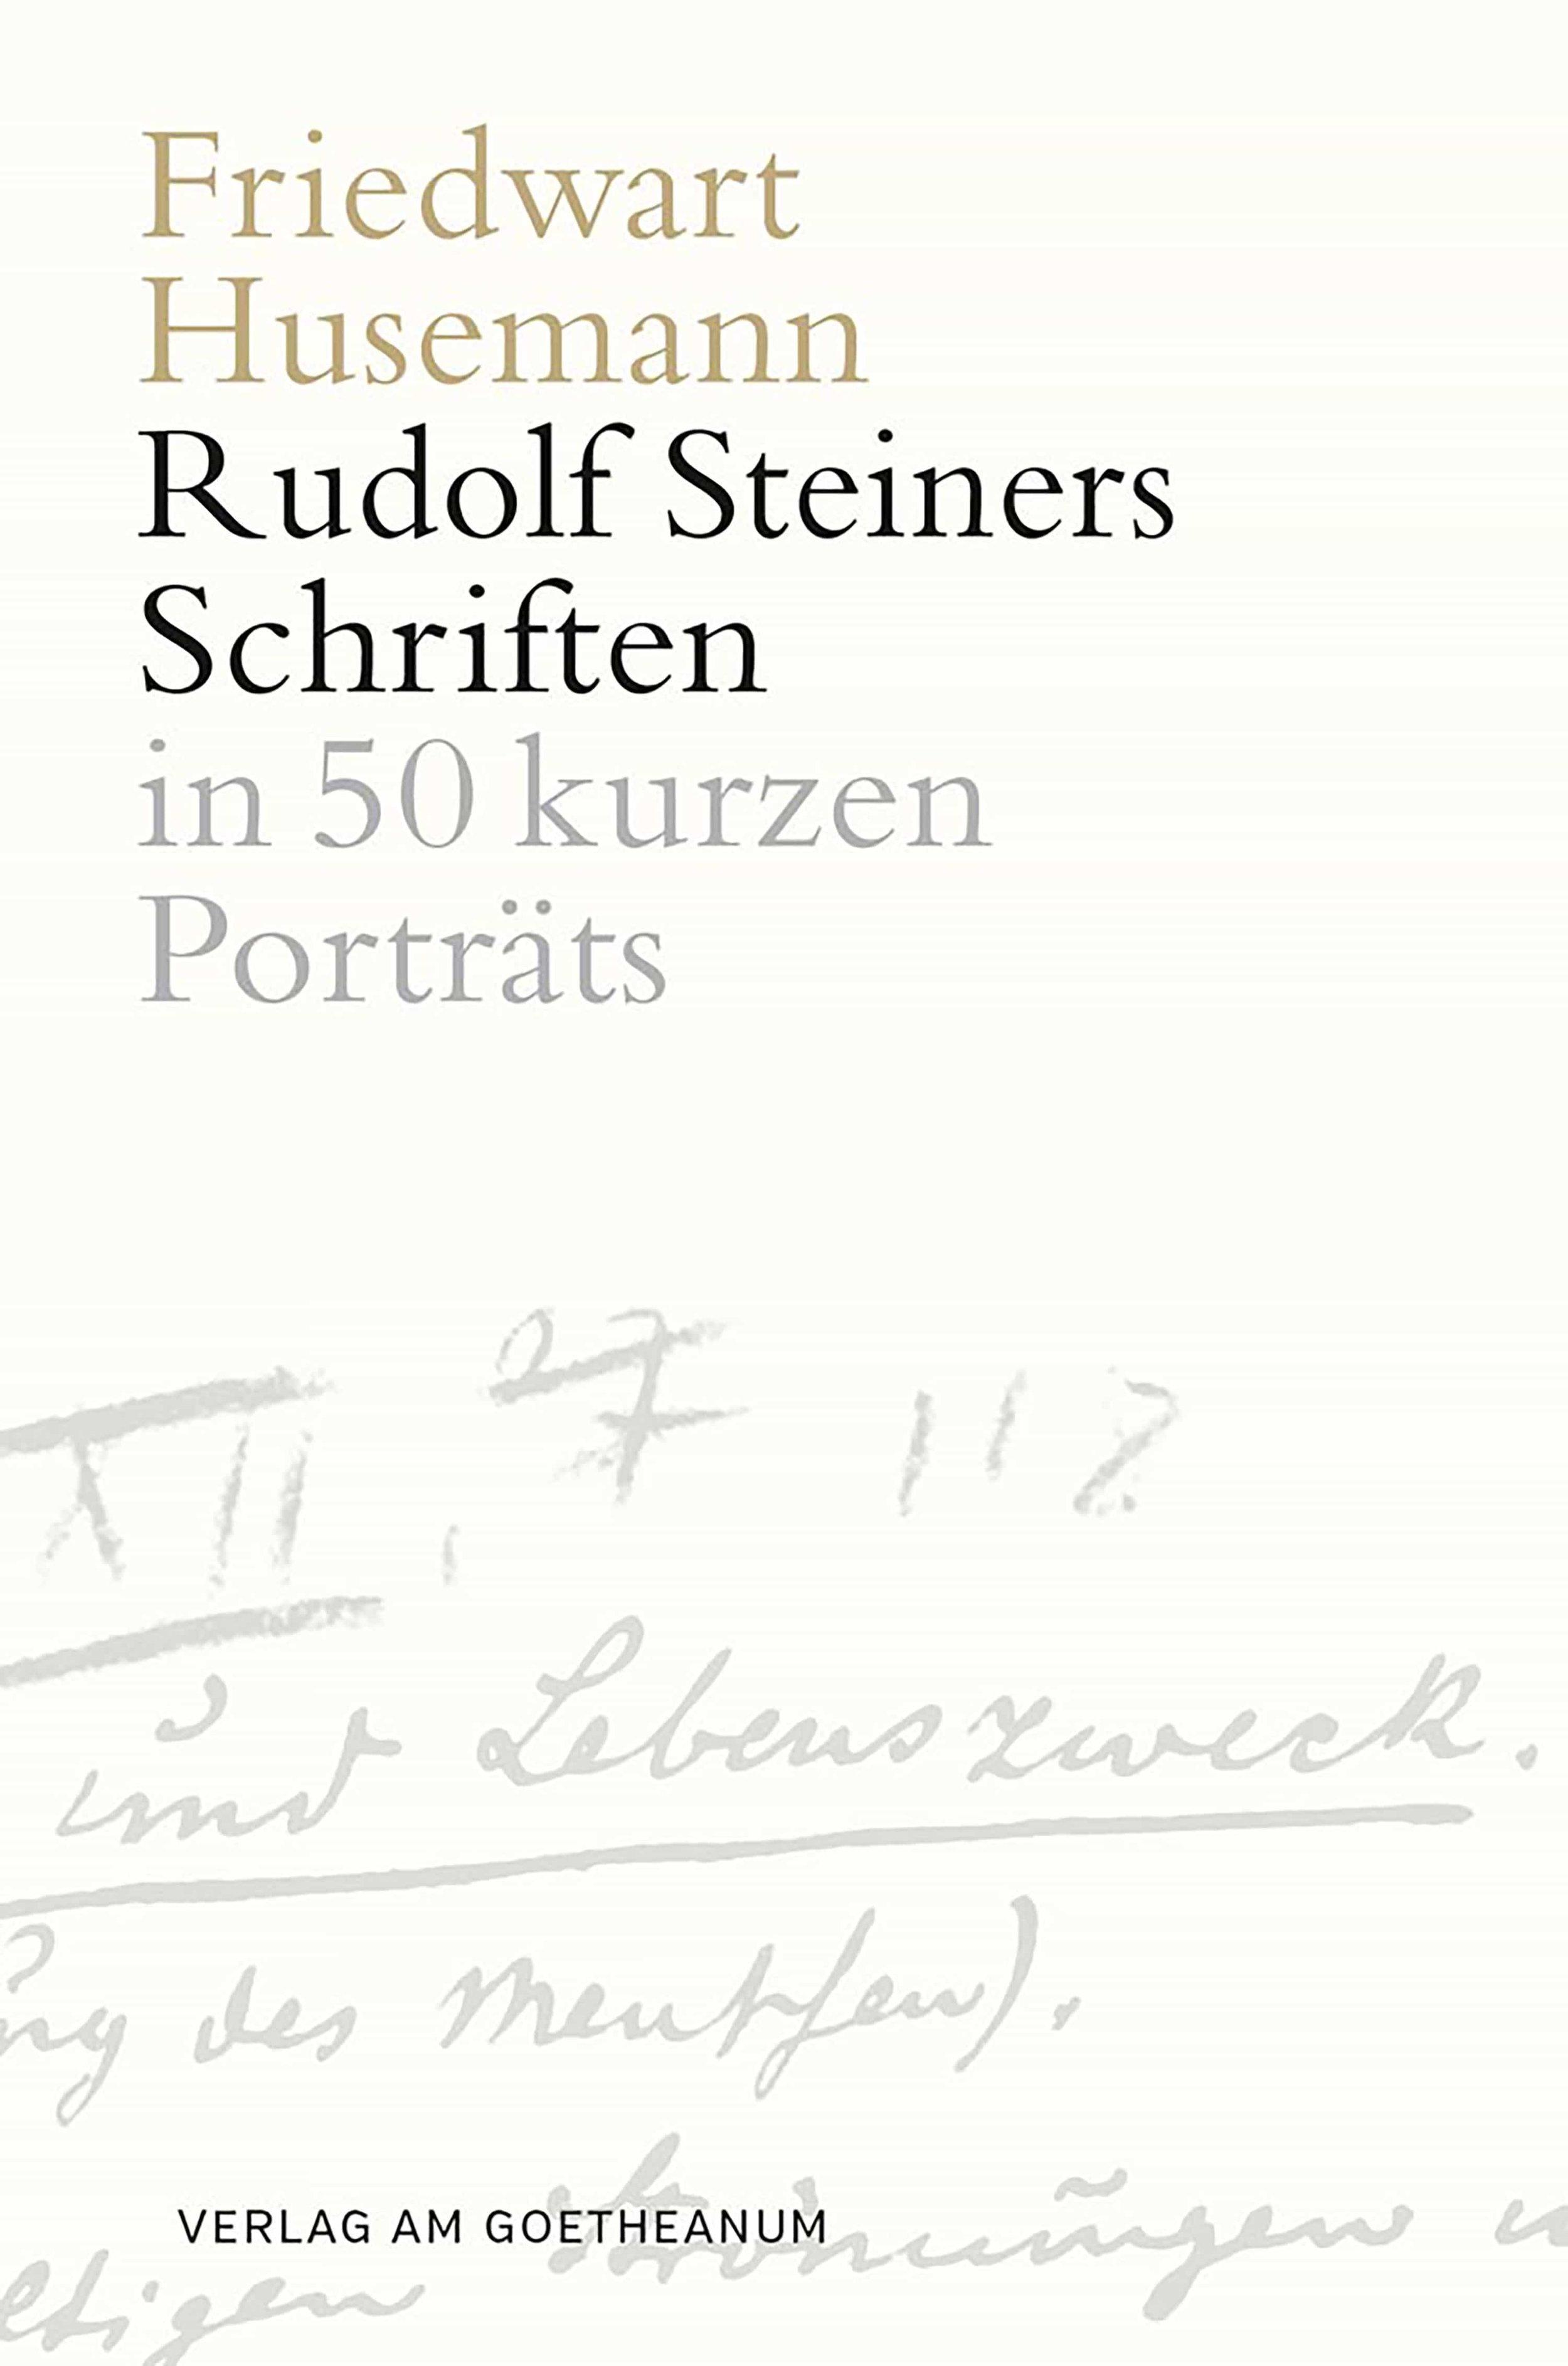 ca_anthroposophie_Cover-VamG-Rudolf-Steiner-Schriften.jpg